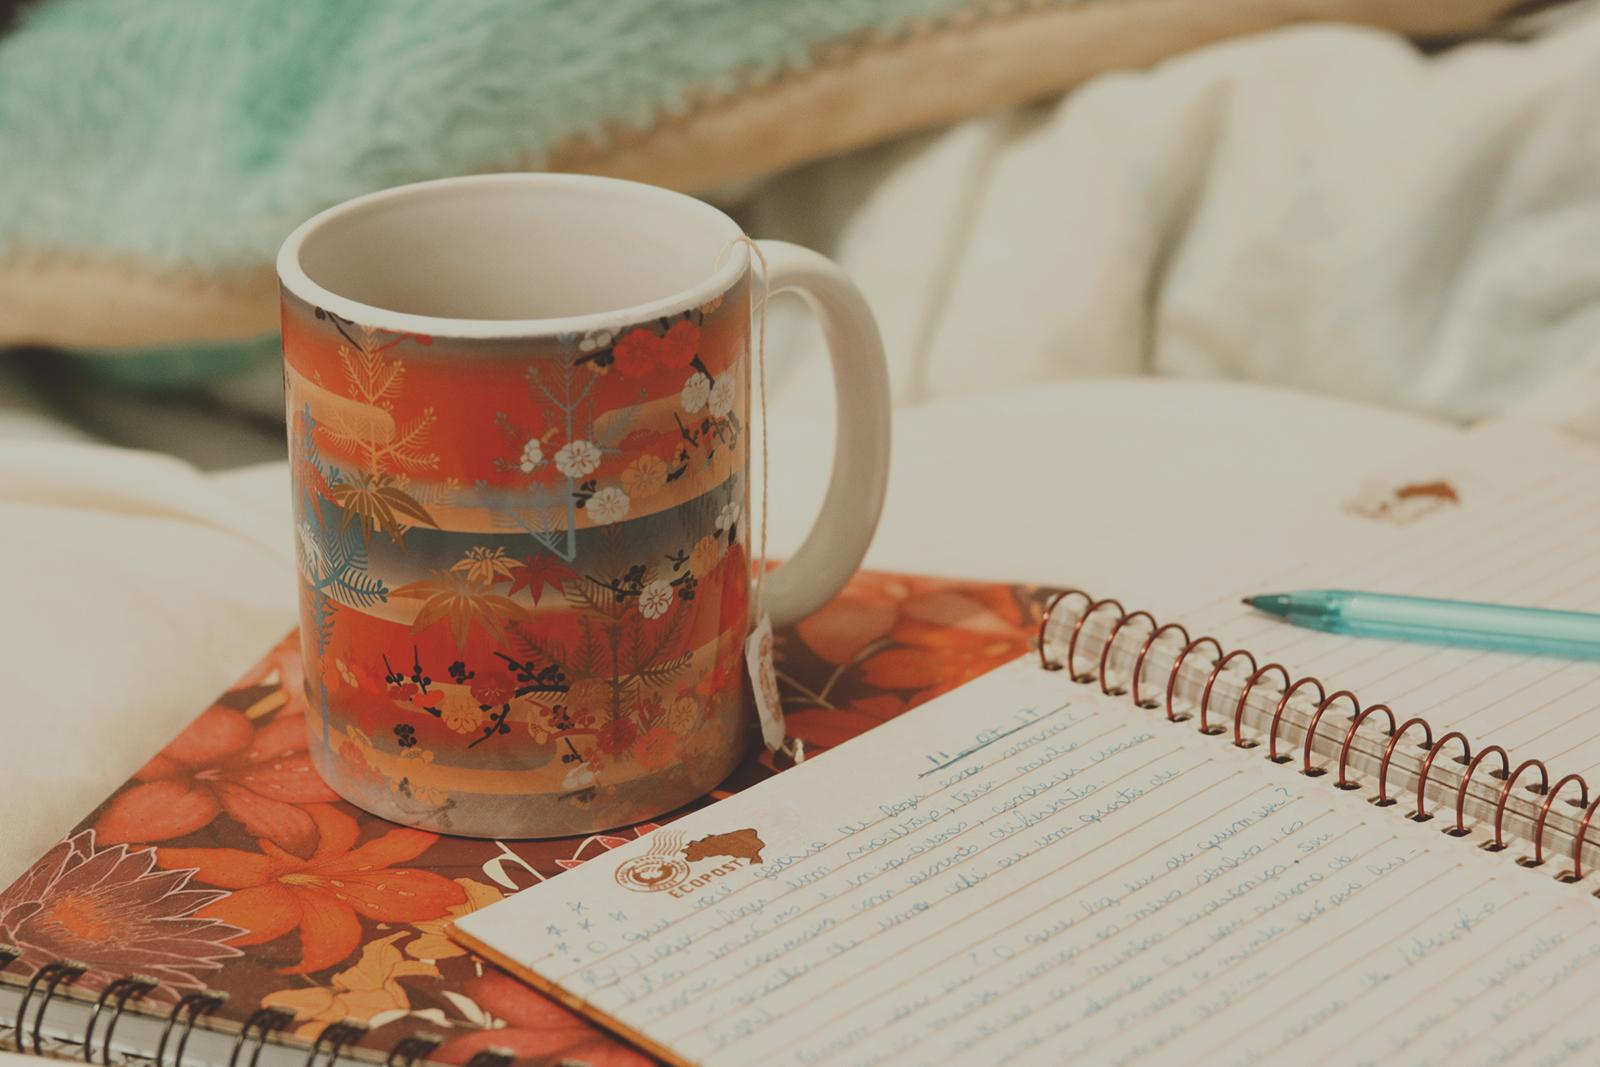 escrevendo e tomando chá